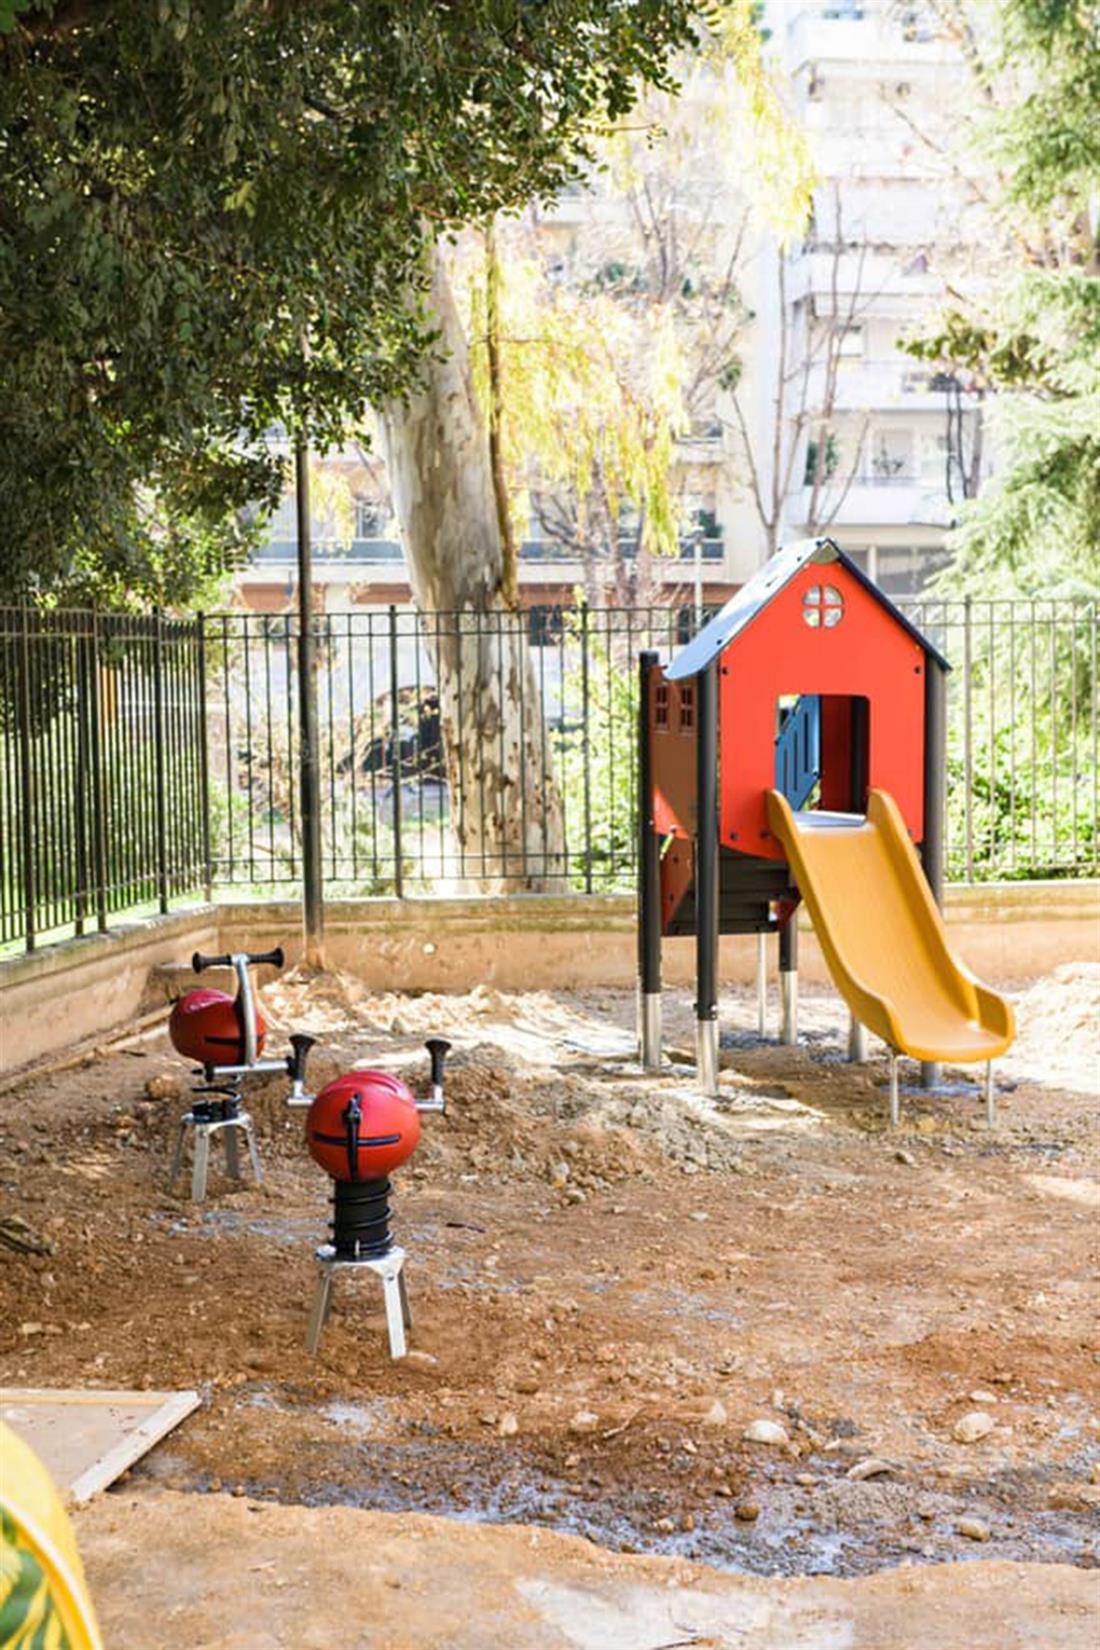 Δήμος Αθηναίων - παιδικές χαρές